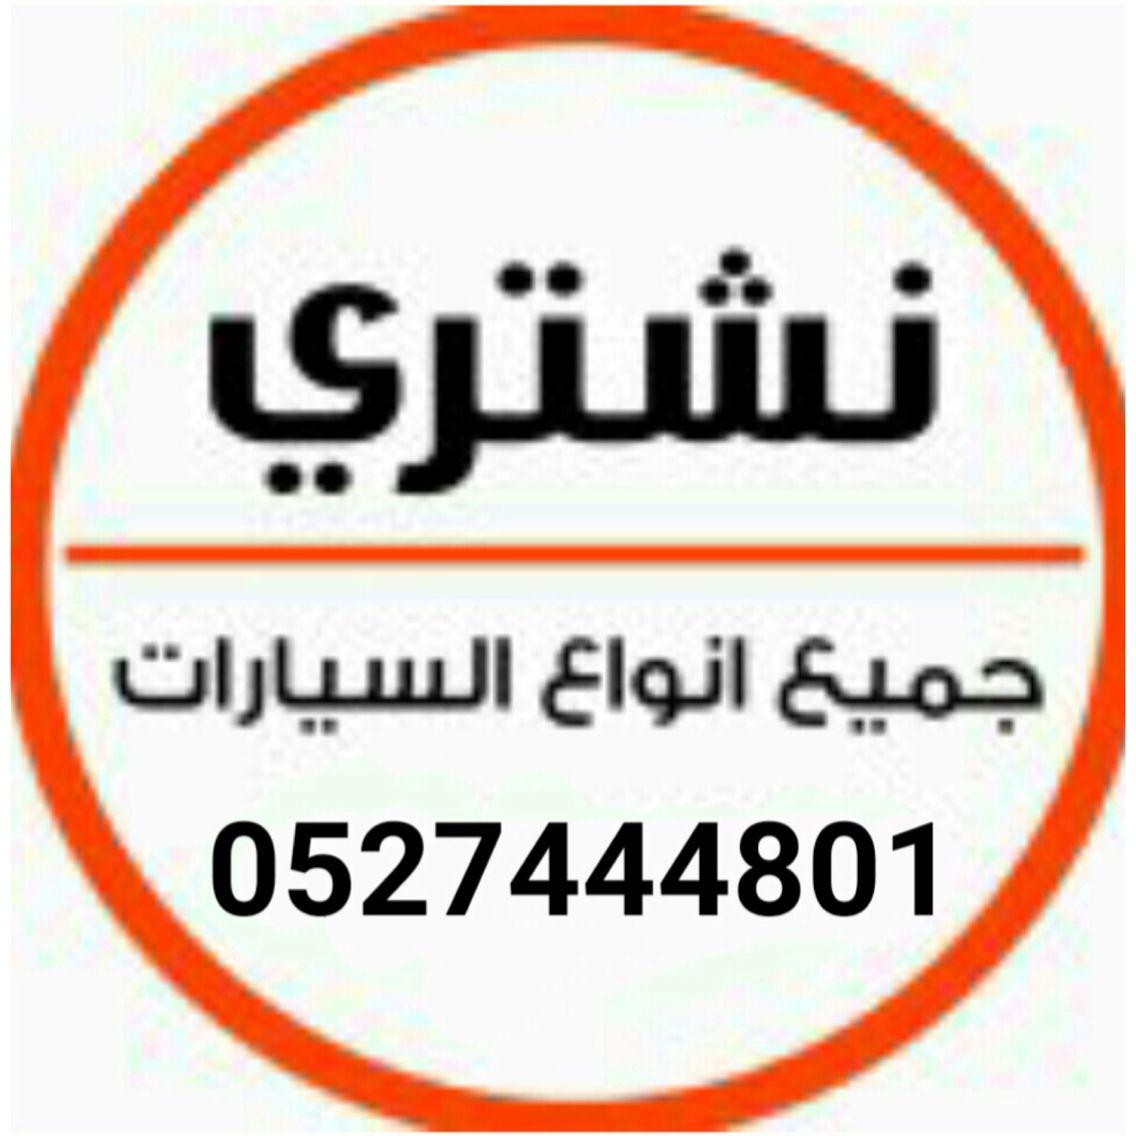 نشتري جميع السيارات المستعملة الحديثة و المدعومة والسكراب والدفع الرباعي والبك اب والباصات والديزل نقدا بافضل الاسعار 052 Tech Company Logos Company Logo Logos